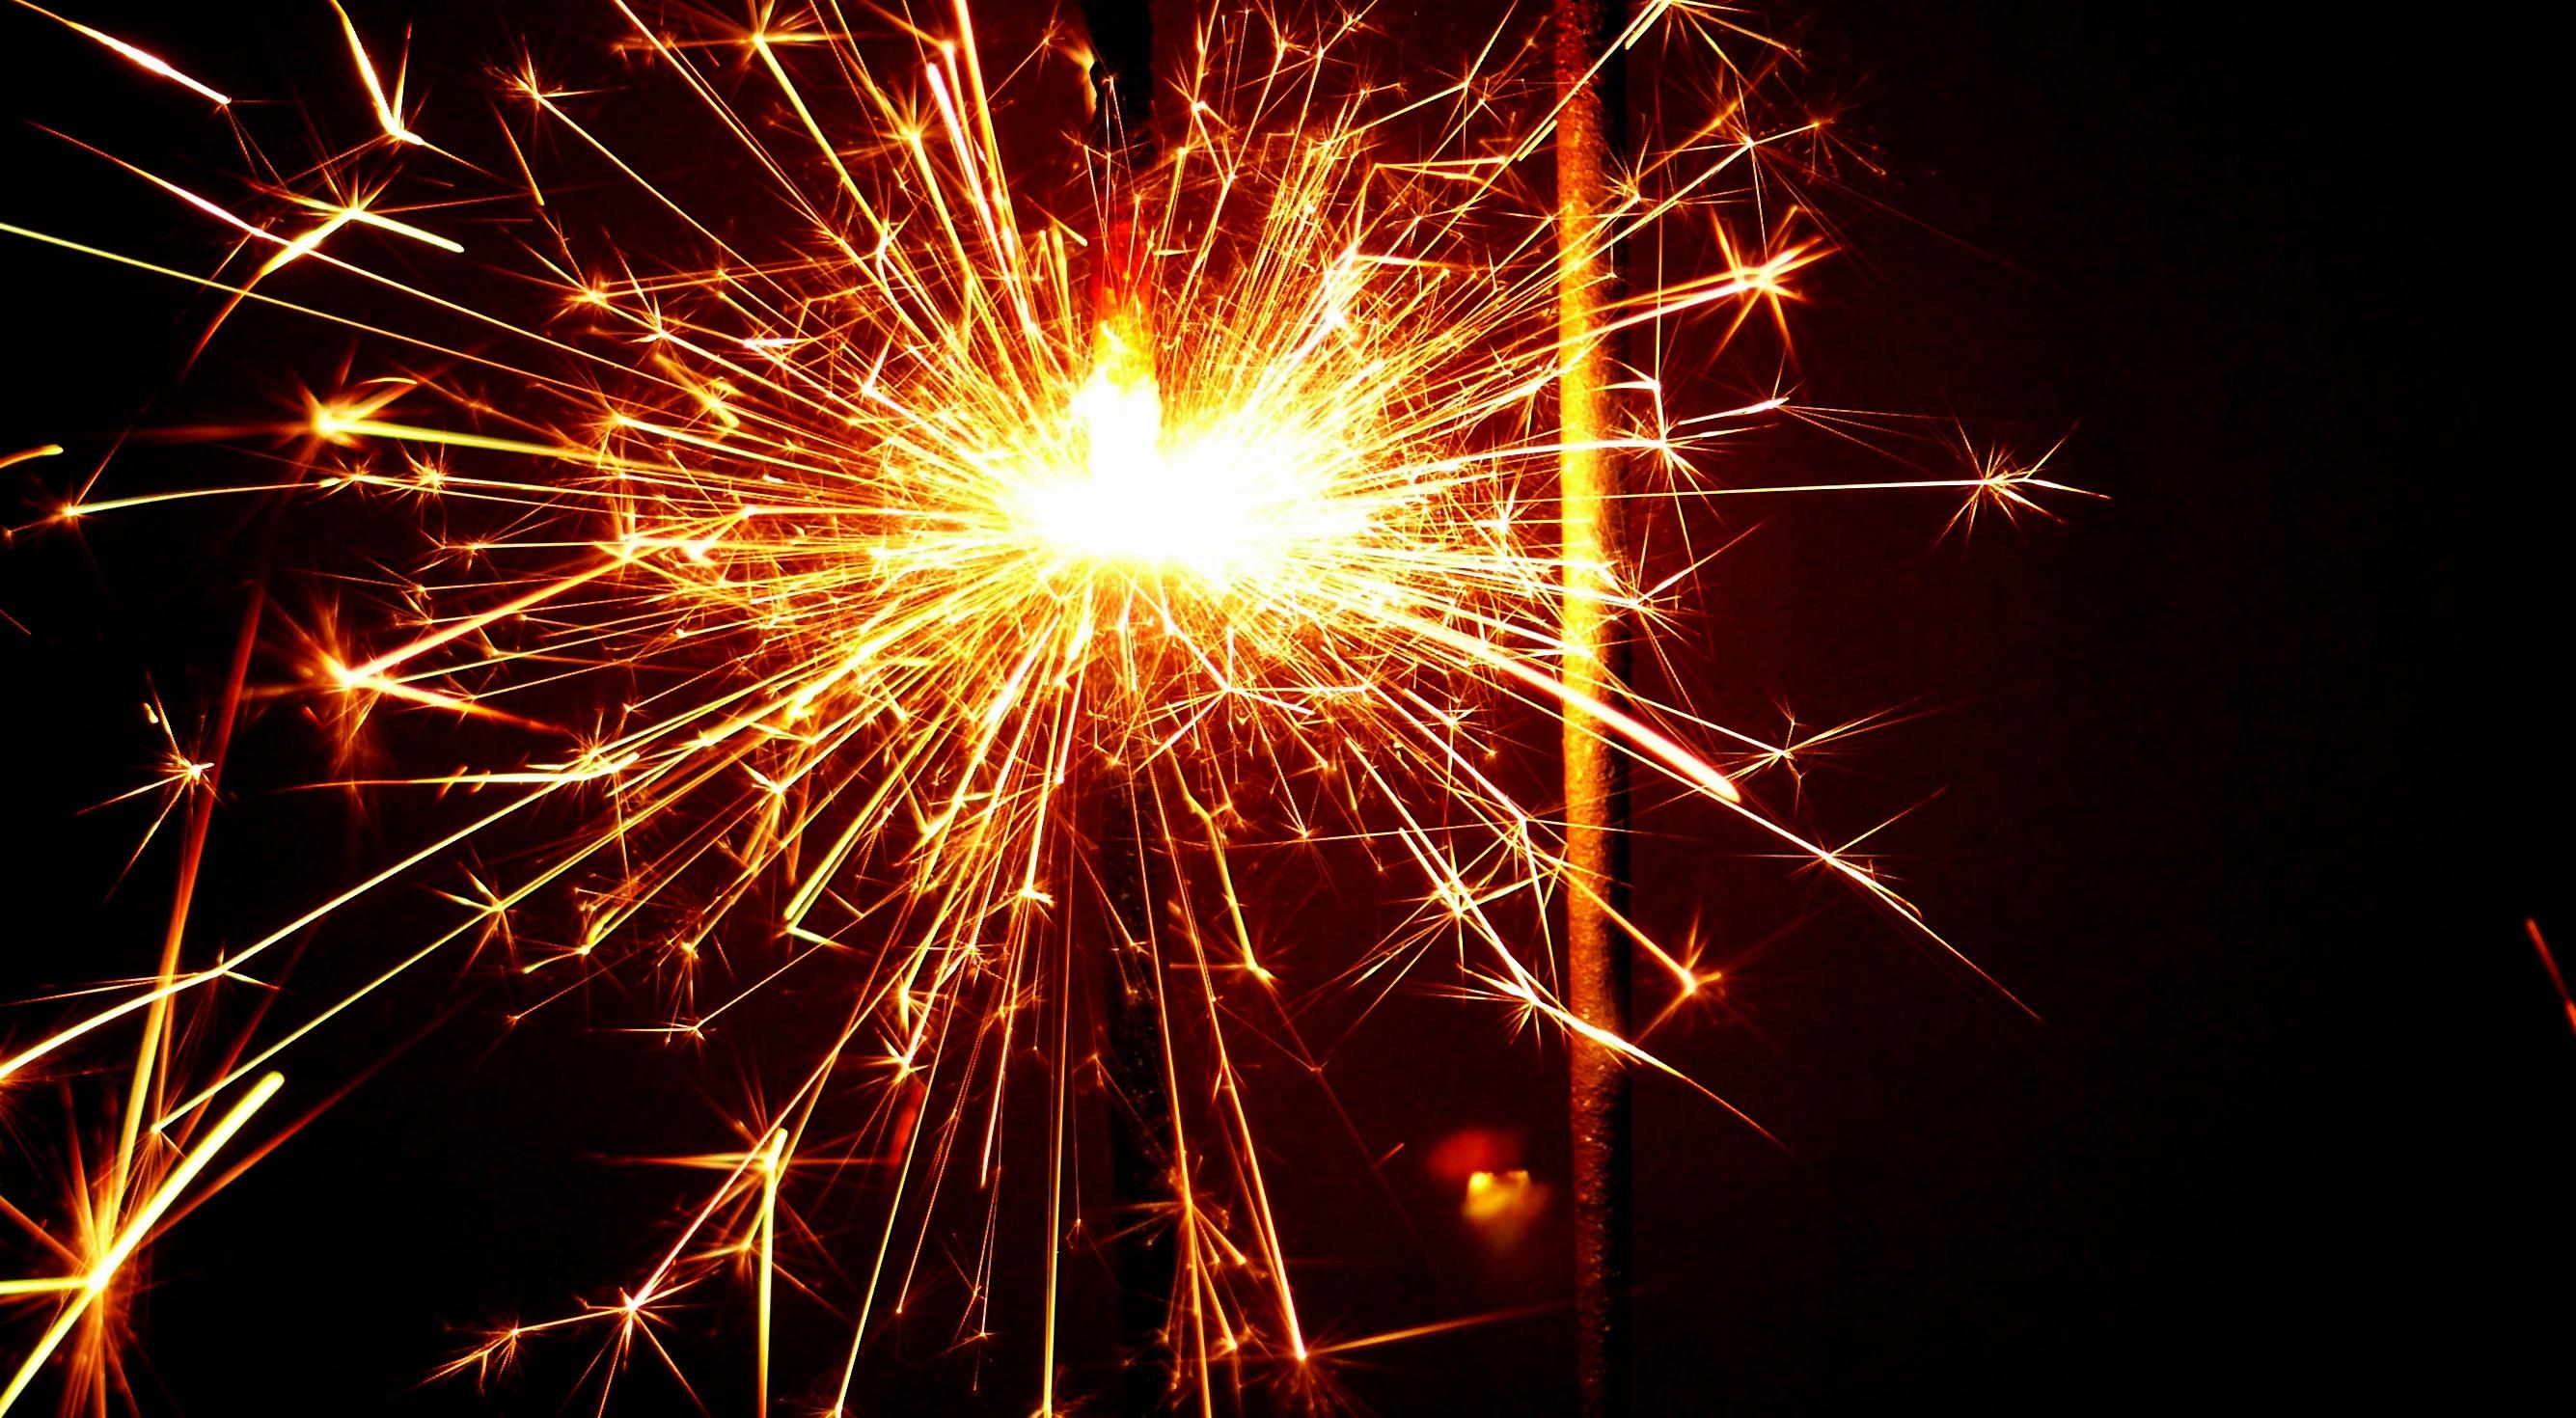 ingyenes újévi képek Ingyenes képek : fény, csillagszóró, ünneplés, Tűz, tűzijáték  ingyenes újévi képek